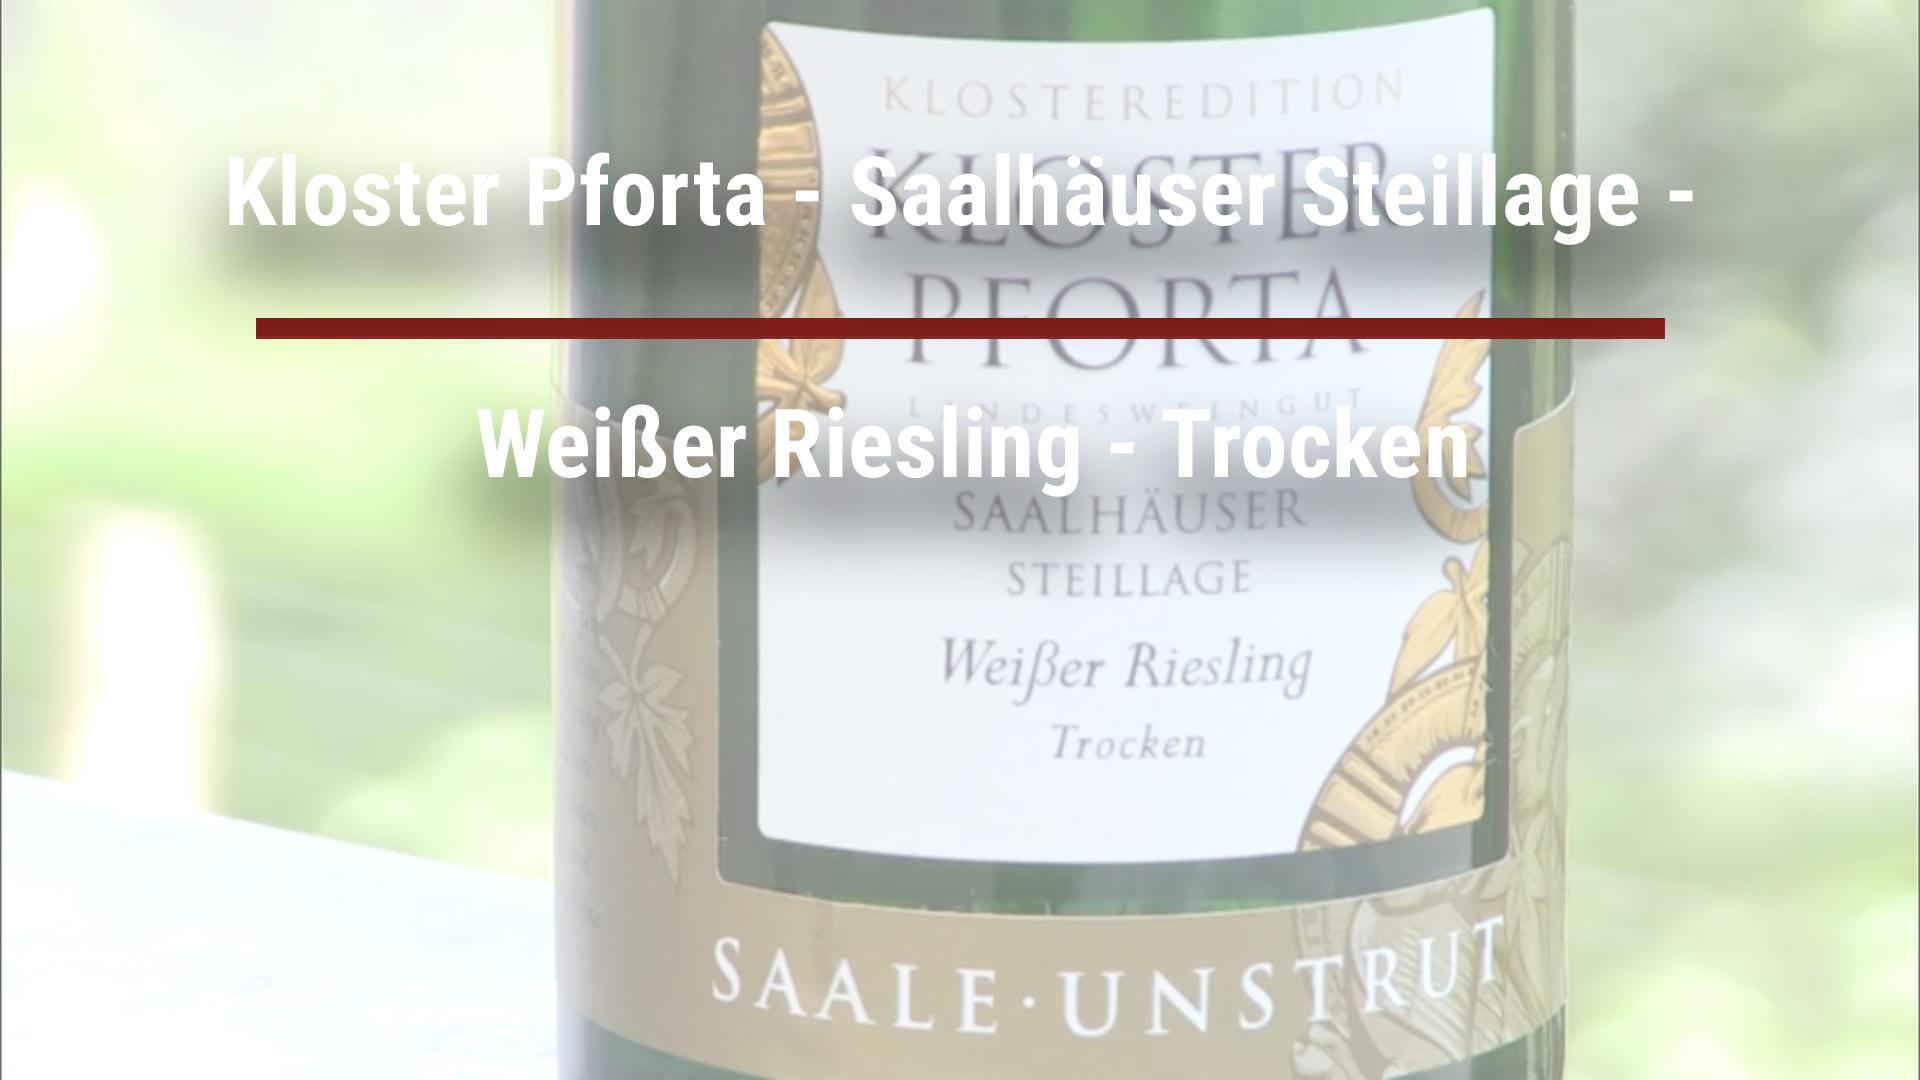 Kloster Pforta – Saalhäuser Steillage – Weißer Riesling – Trocken